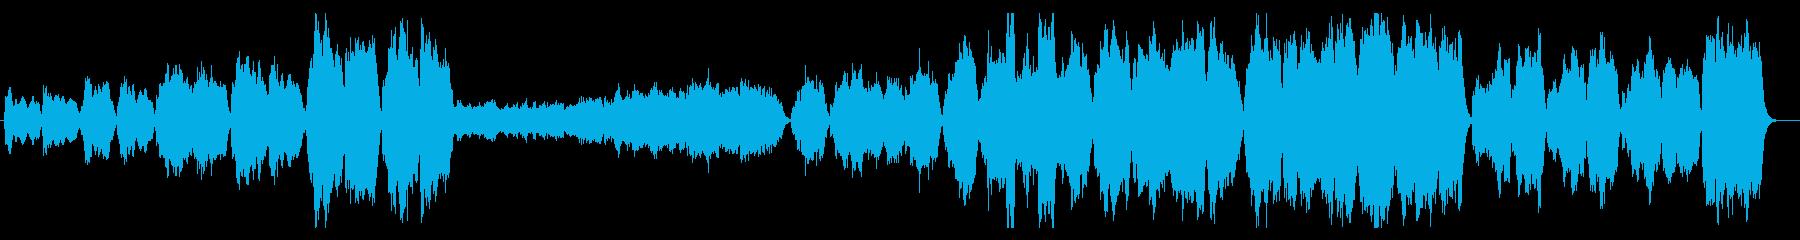 華やかで壮大なファンファーレ(打楽器なしの再生済みの波形